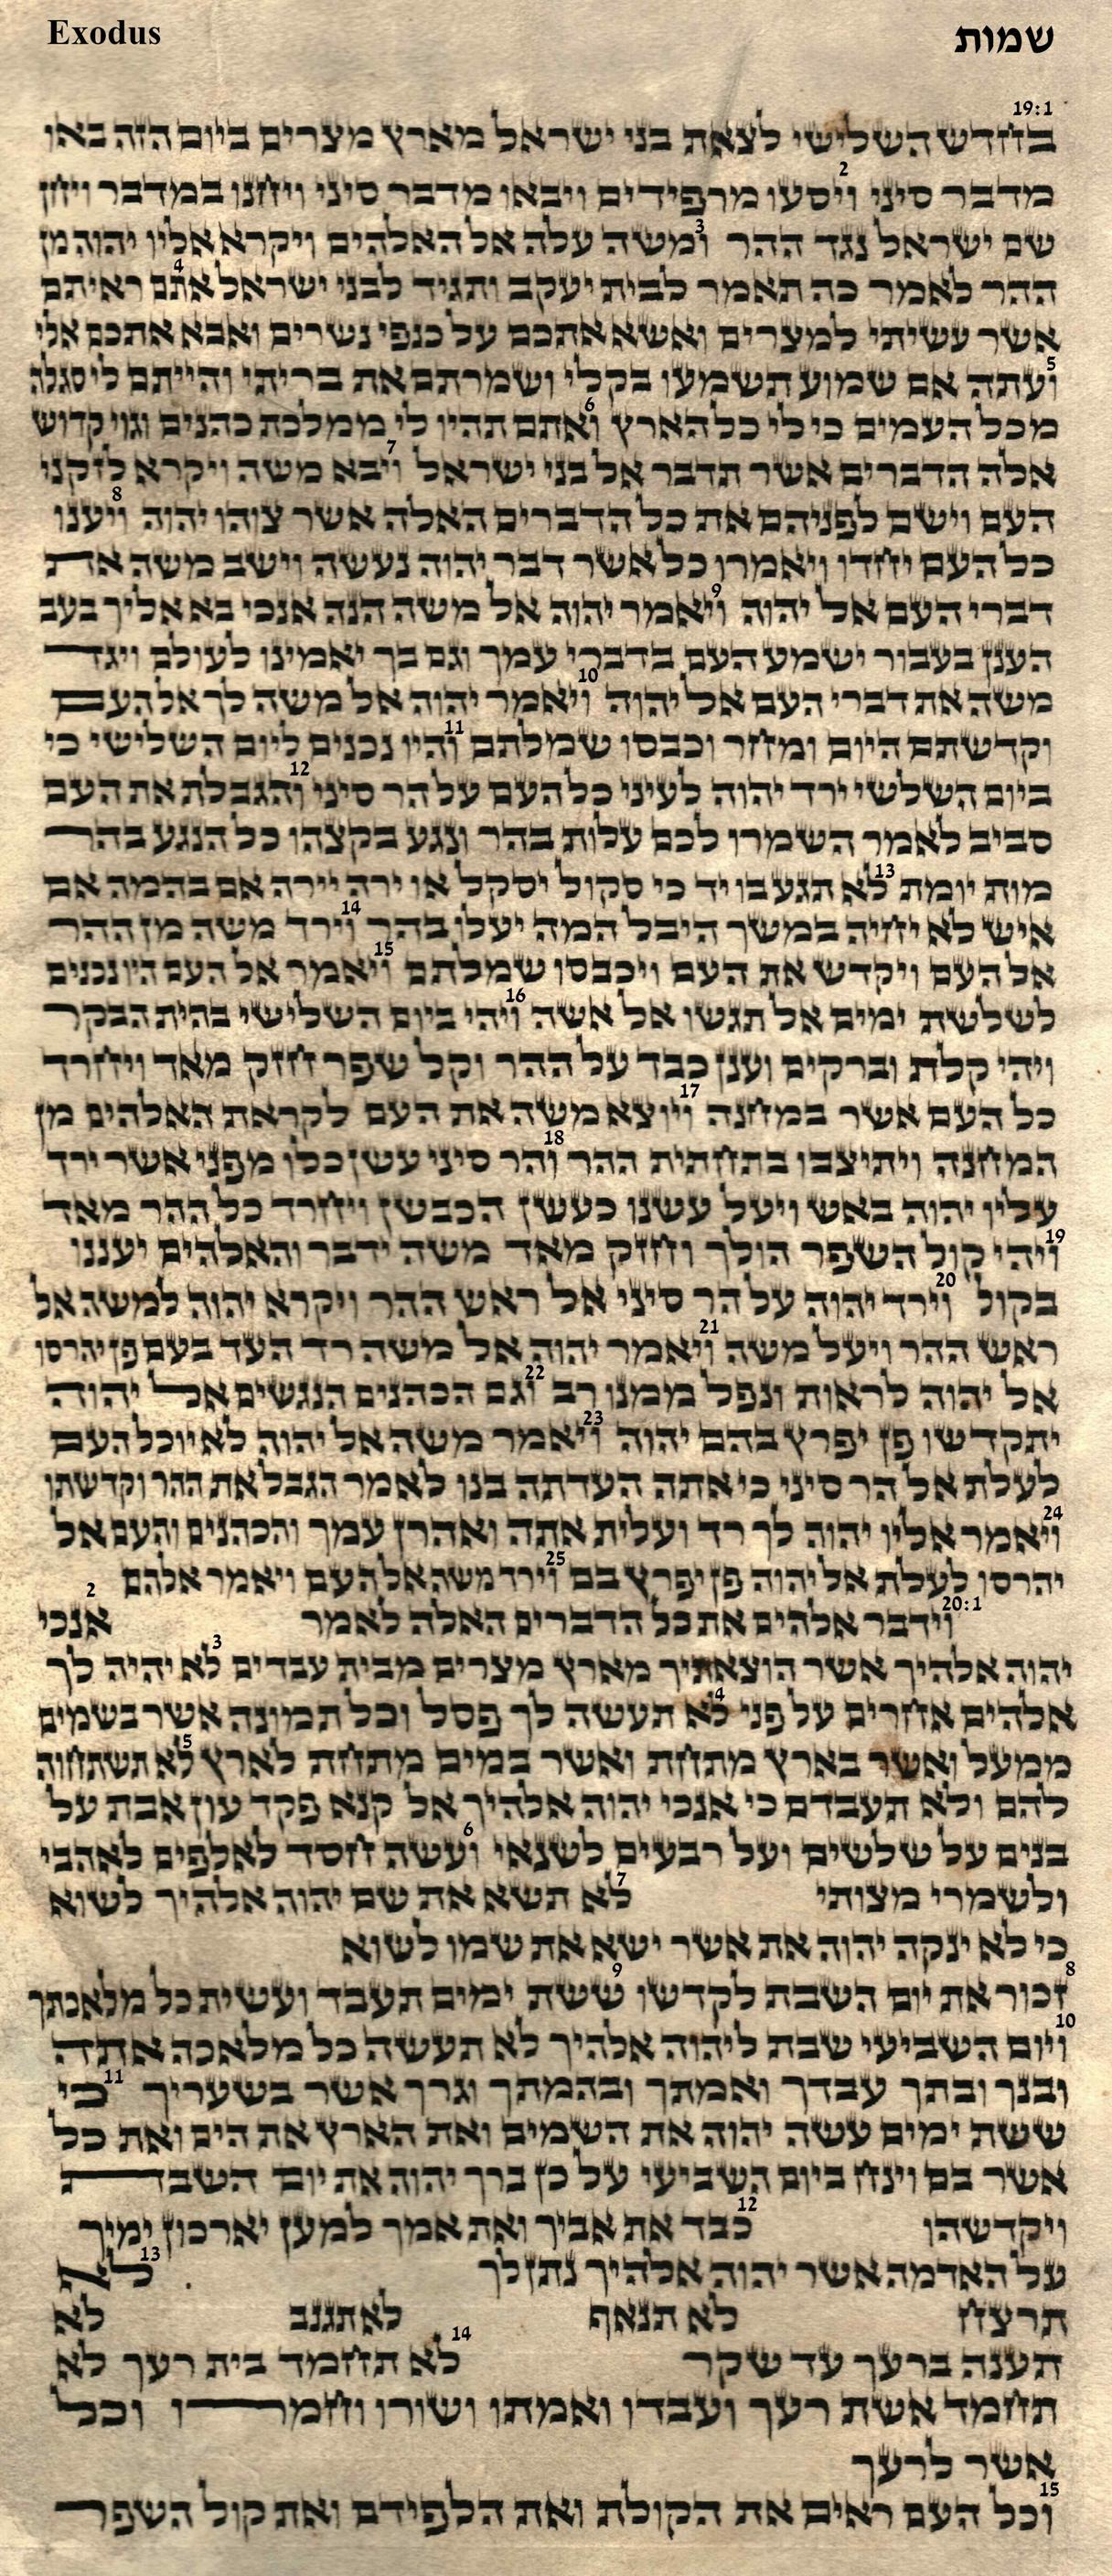 Exodus 19.1 - 20.15